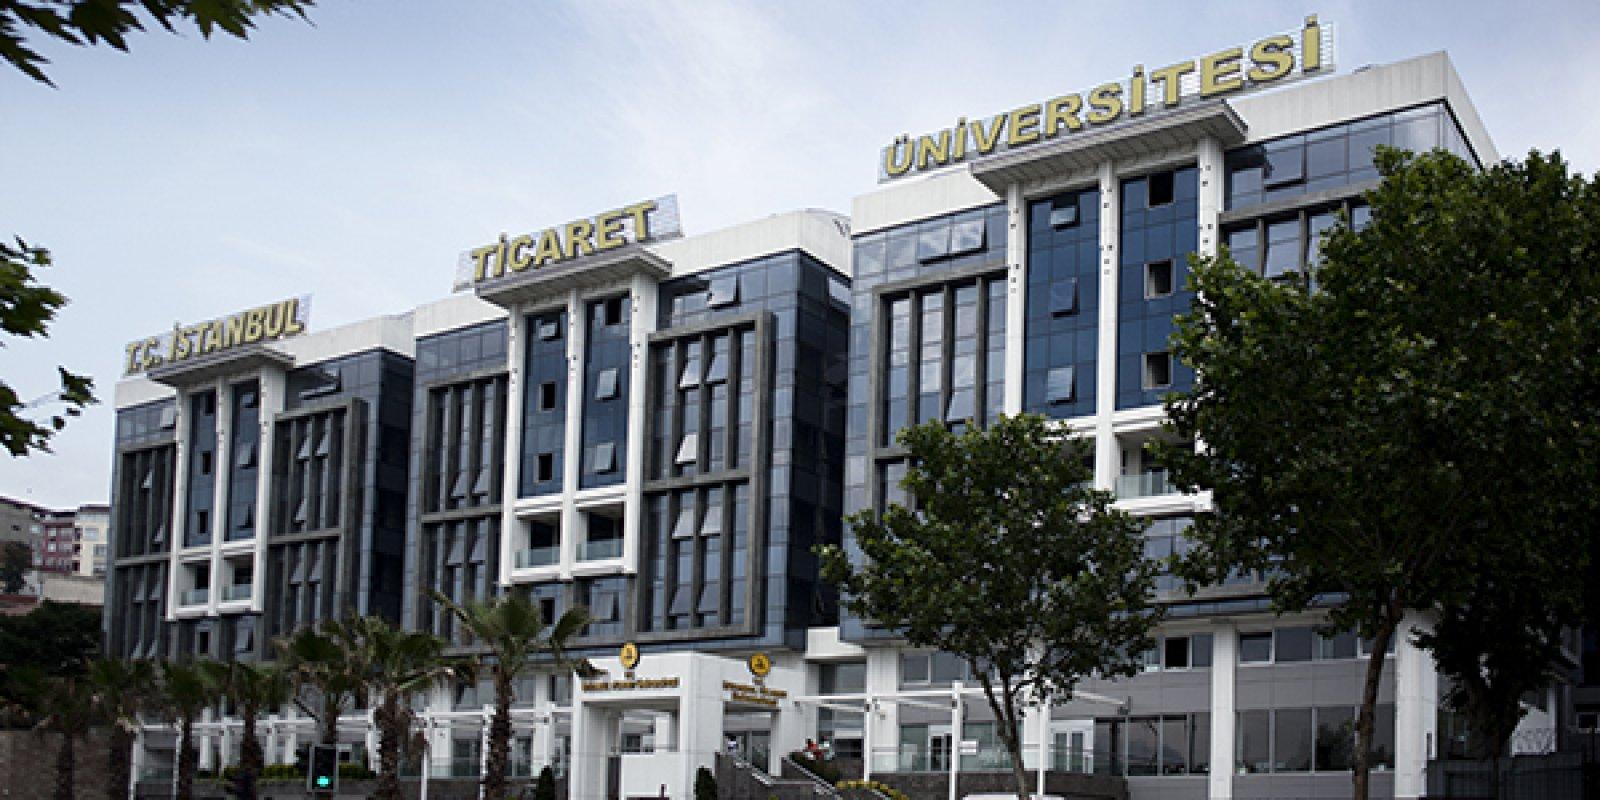 İstanbul Ticaret Üniversitesi Sütlüce Yerleşkesi